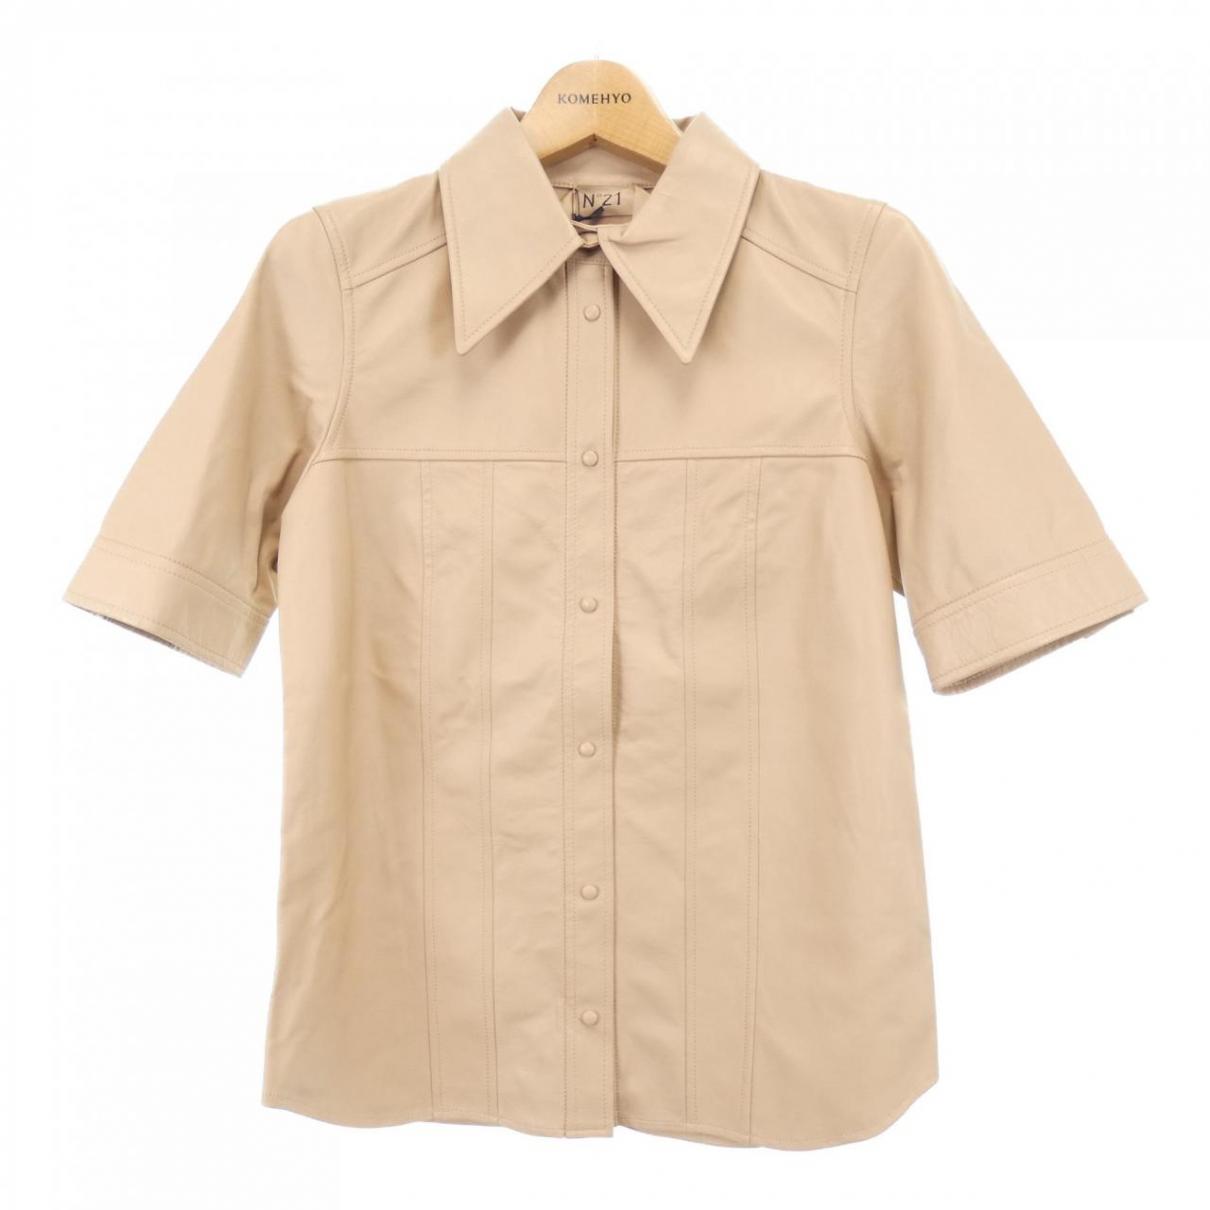 N°21 \N Beige Leather  top for Women 36 IT